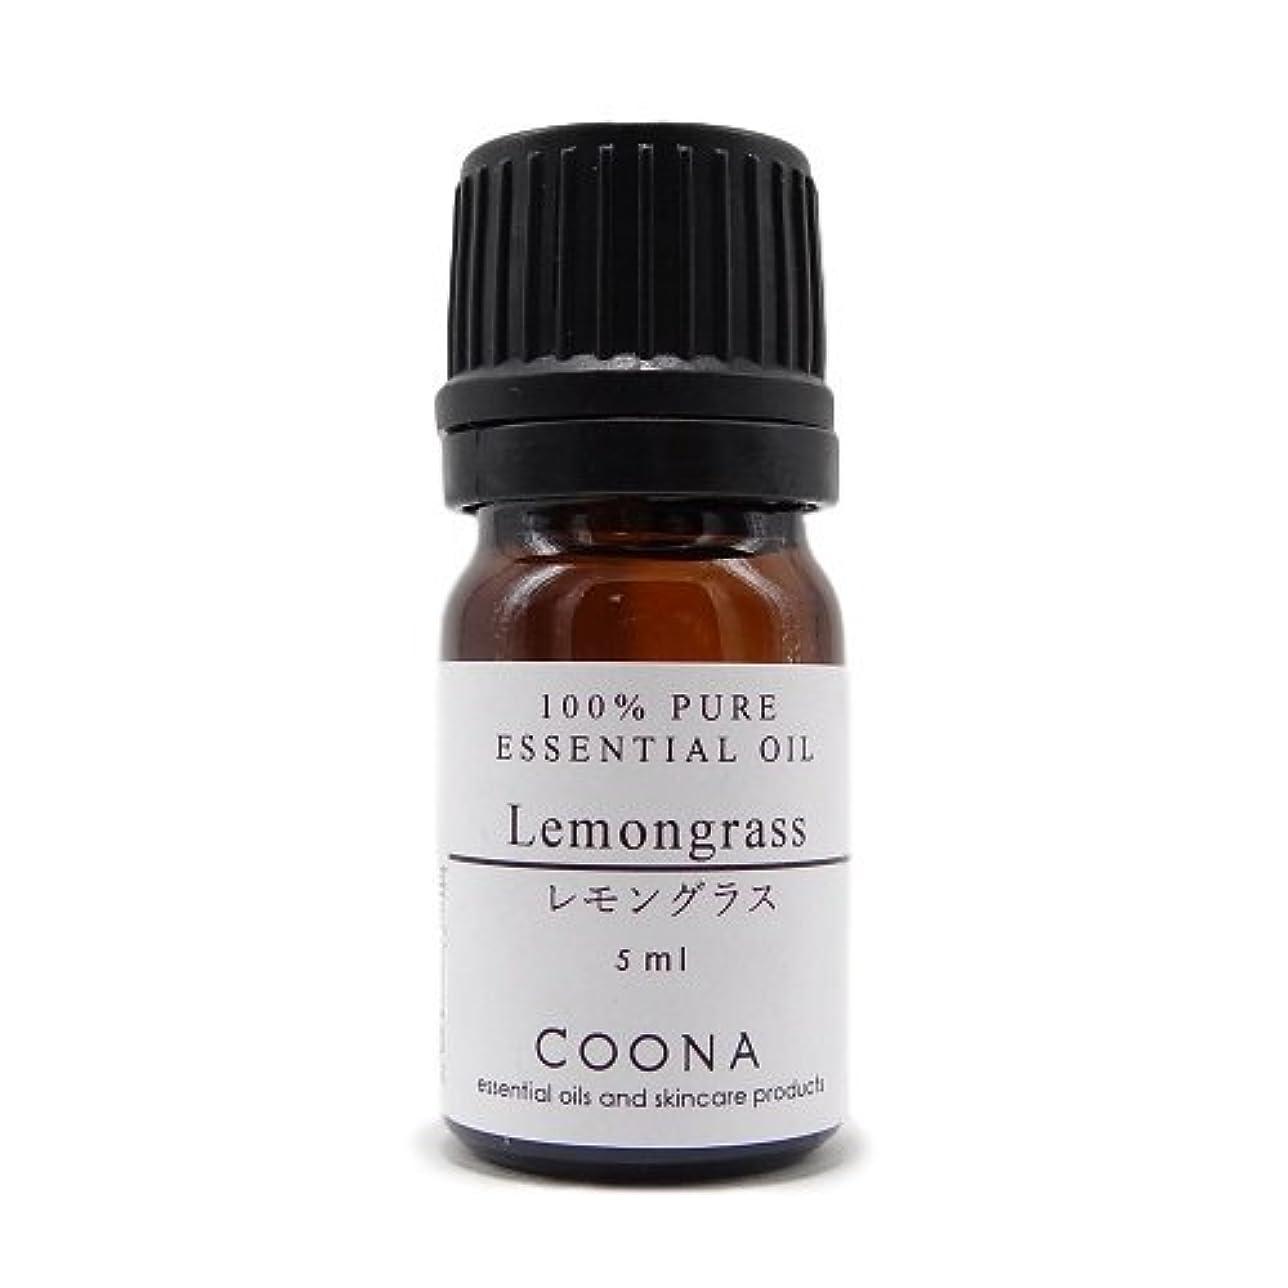 研磨剤感嘆符センブランスレモングラス 5ml (COONA エッセンシャルオイル アロマオイル 100%天然植物精油)